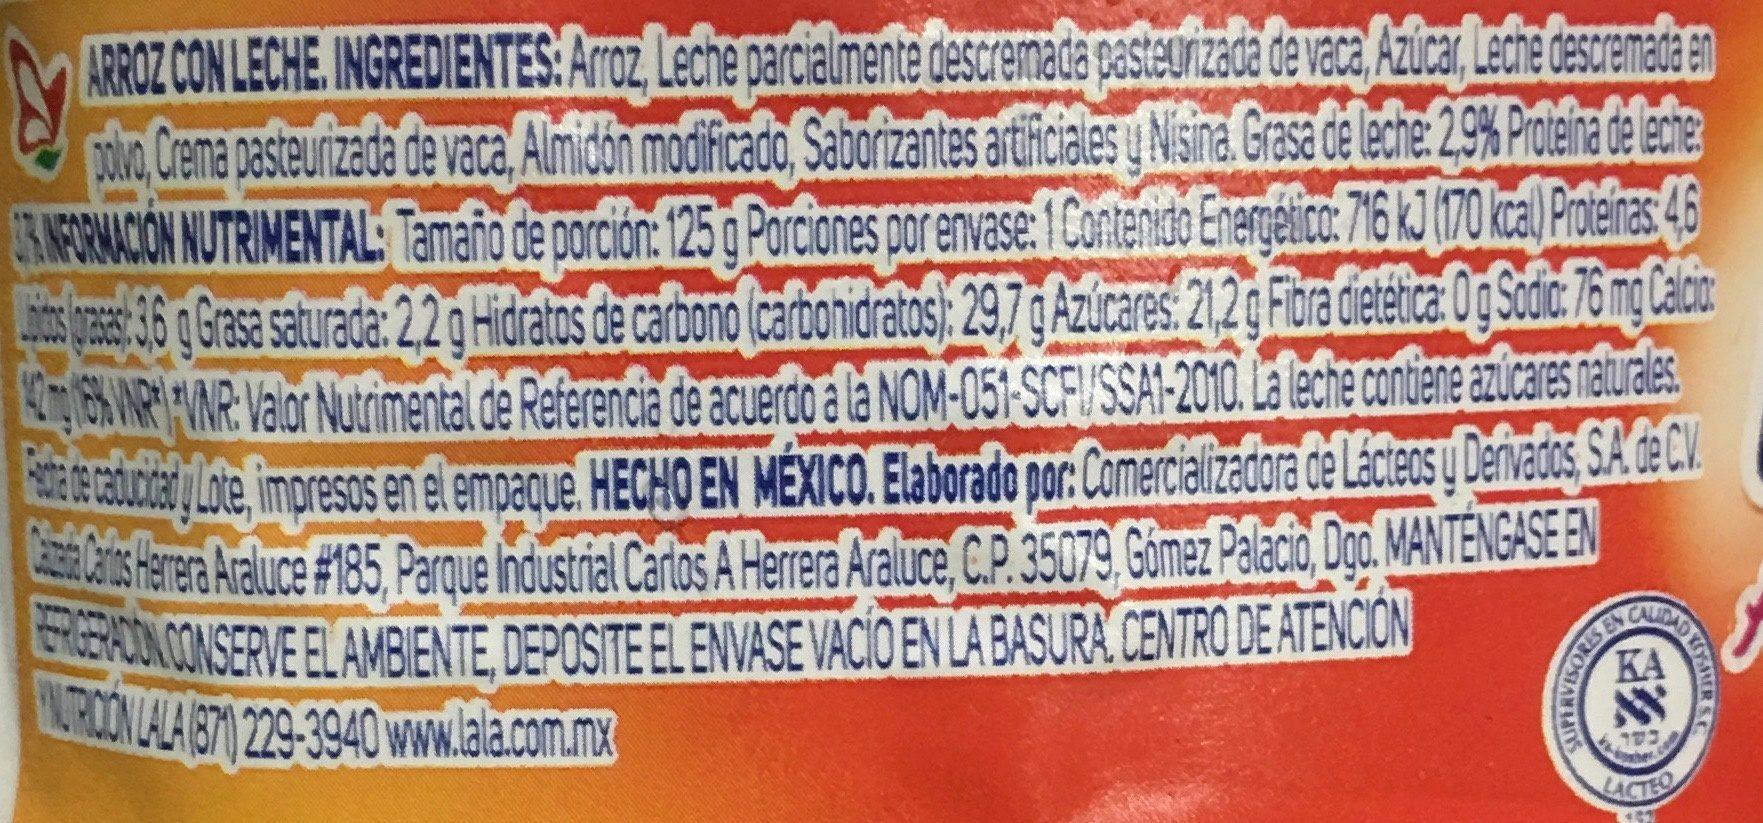 Arroz con Leche Lala - Nutrition facts - es